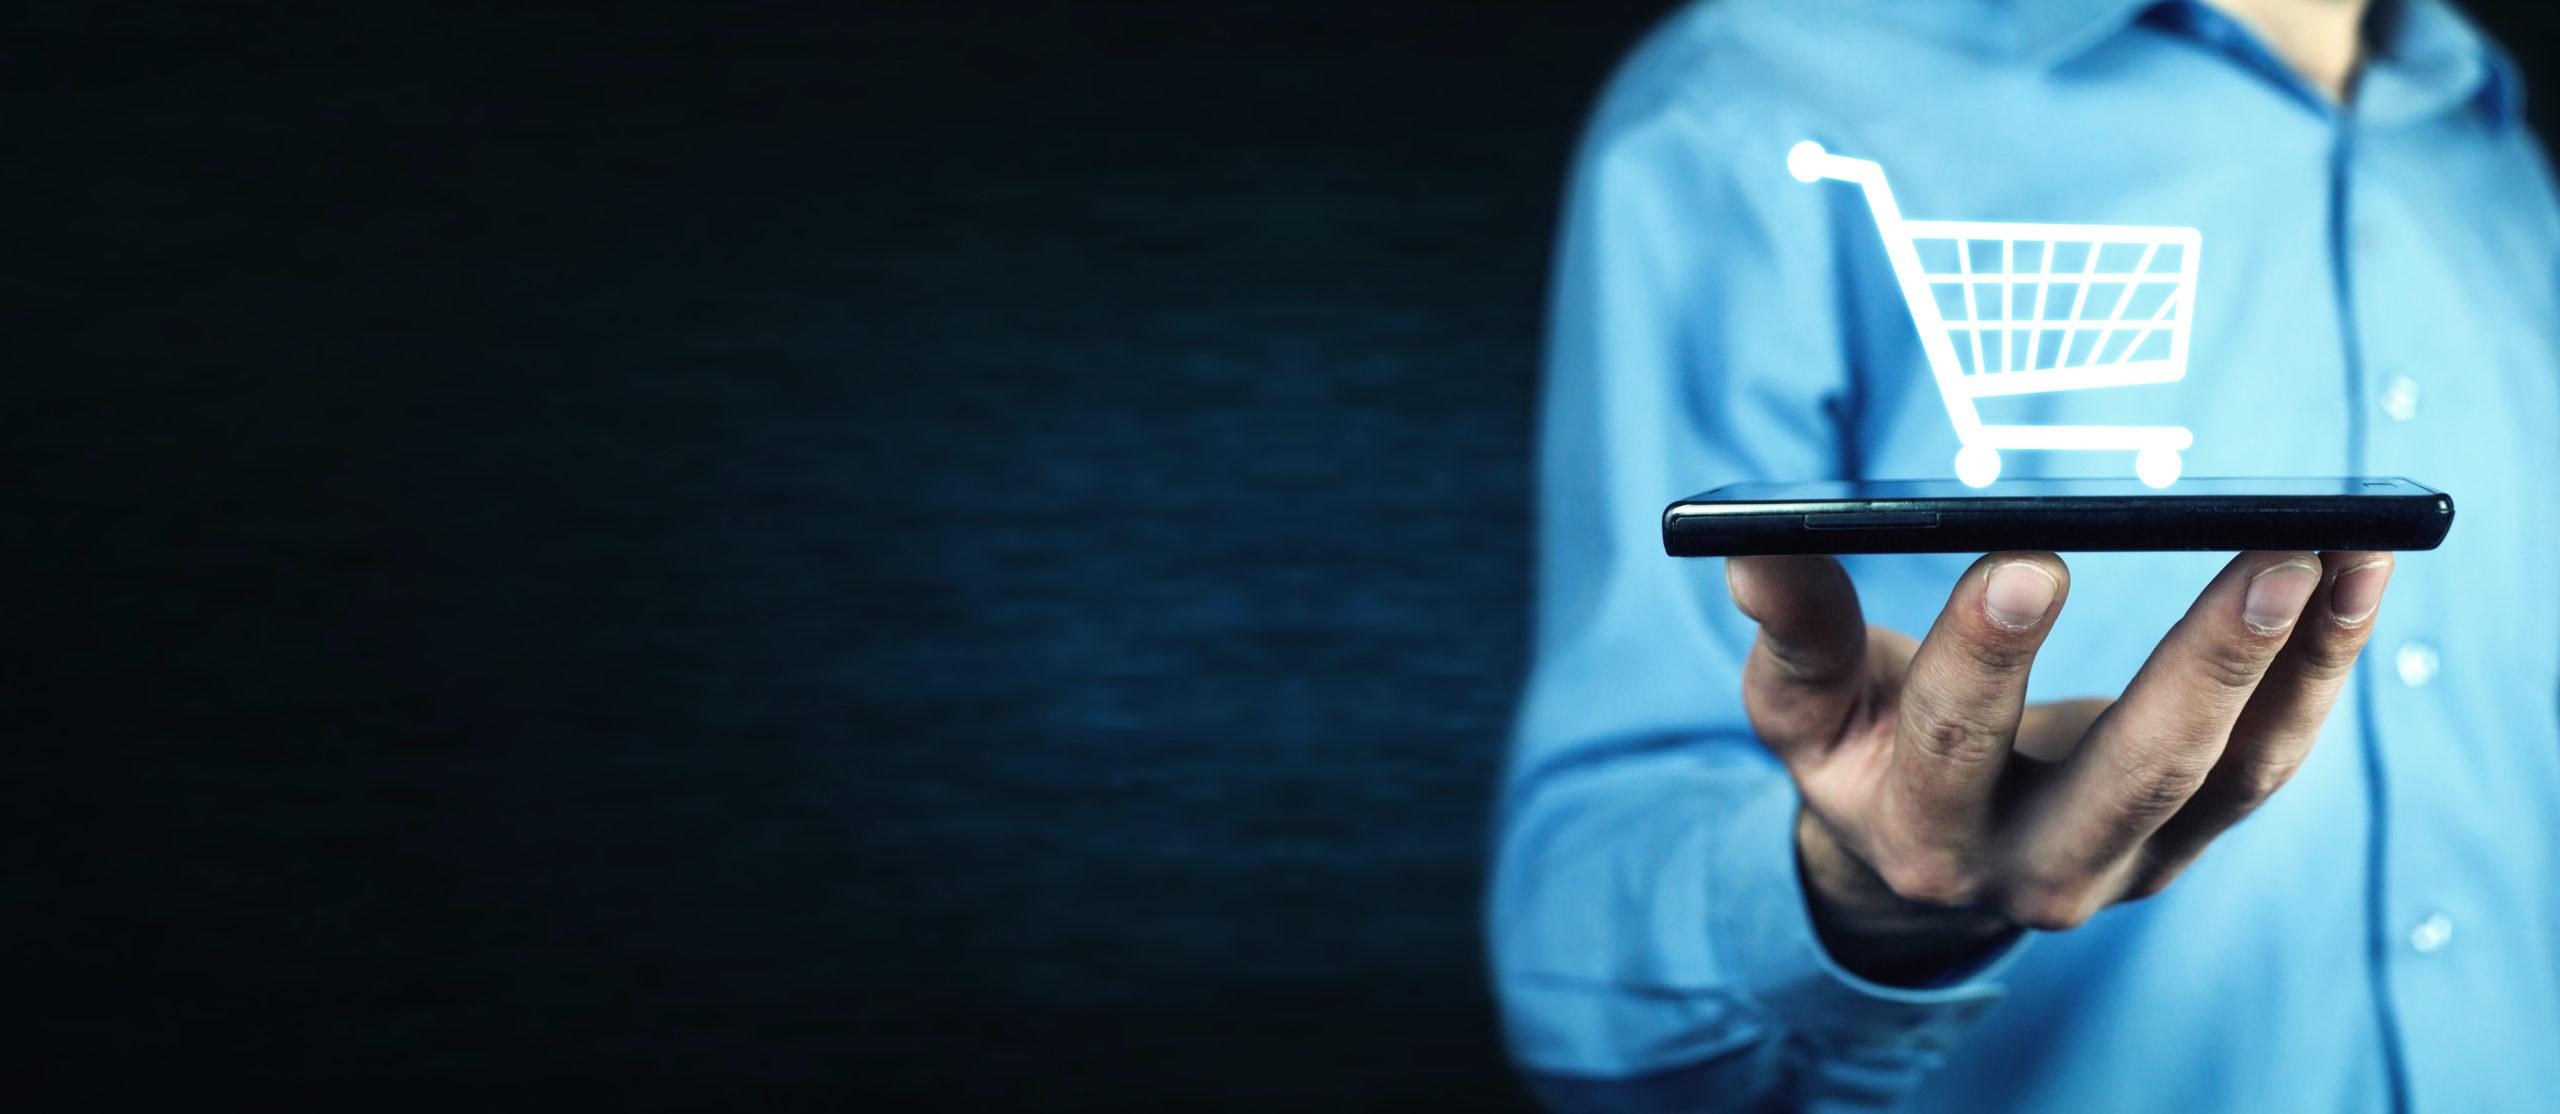 Che ruolo possono svolgere gli NFT nell'e-commerce?